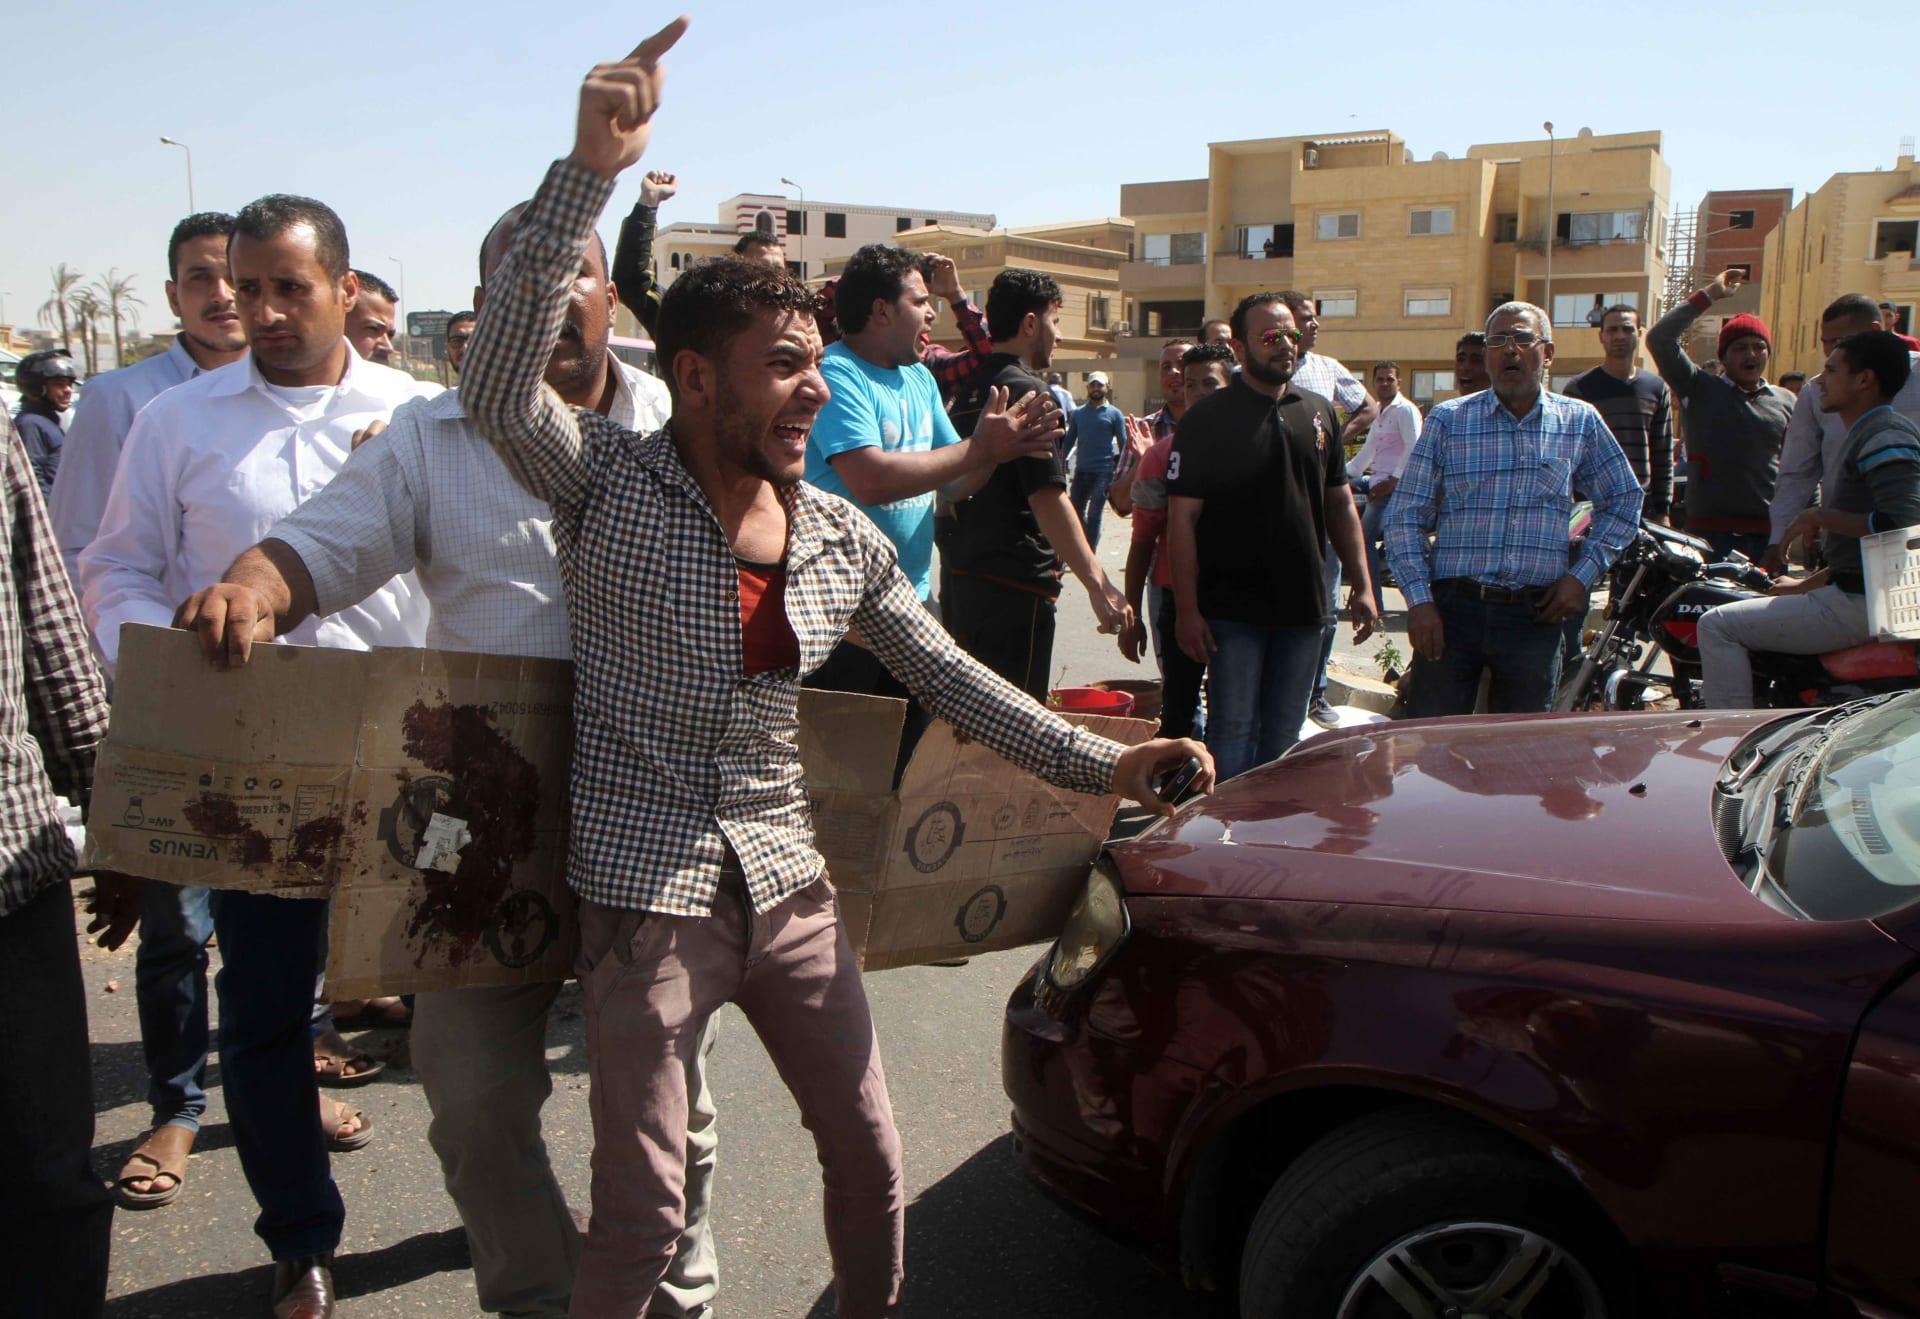 """بالفيديو: قصة مقتل """"بياع شاي"""" مصري على يد شرطي """"علشان جنيه"""" تثير ضجة"""